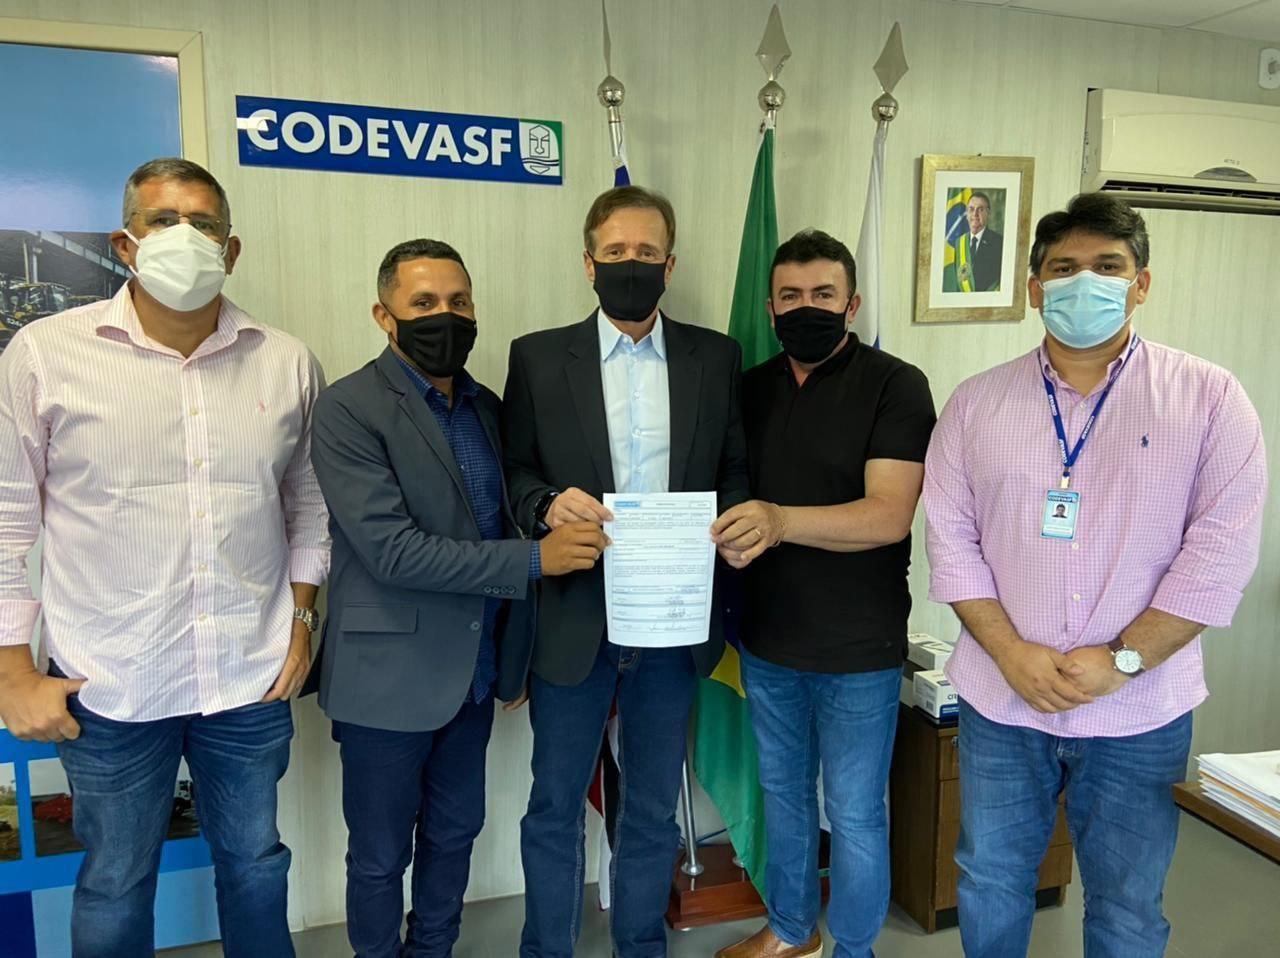 Prefeito de Bacabal participa de reunião que garante asfalto para o povoado Luziana